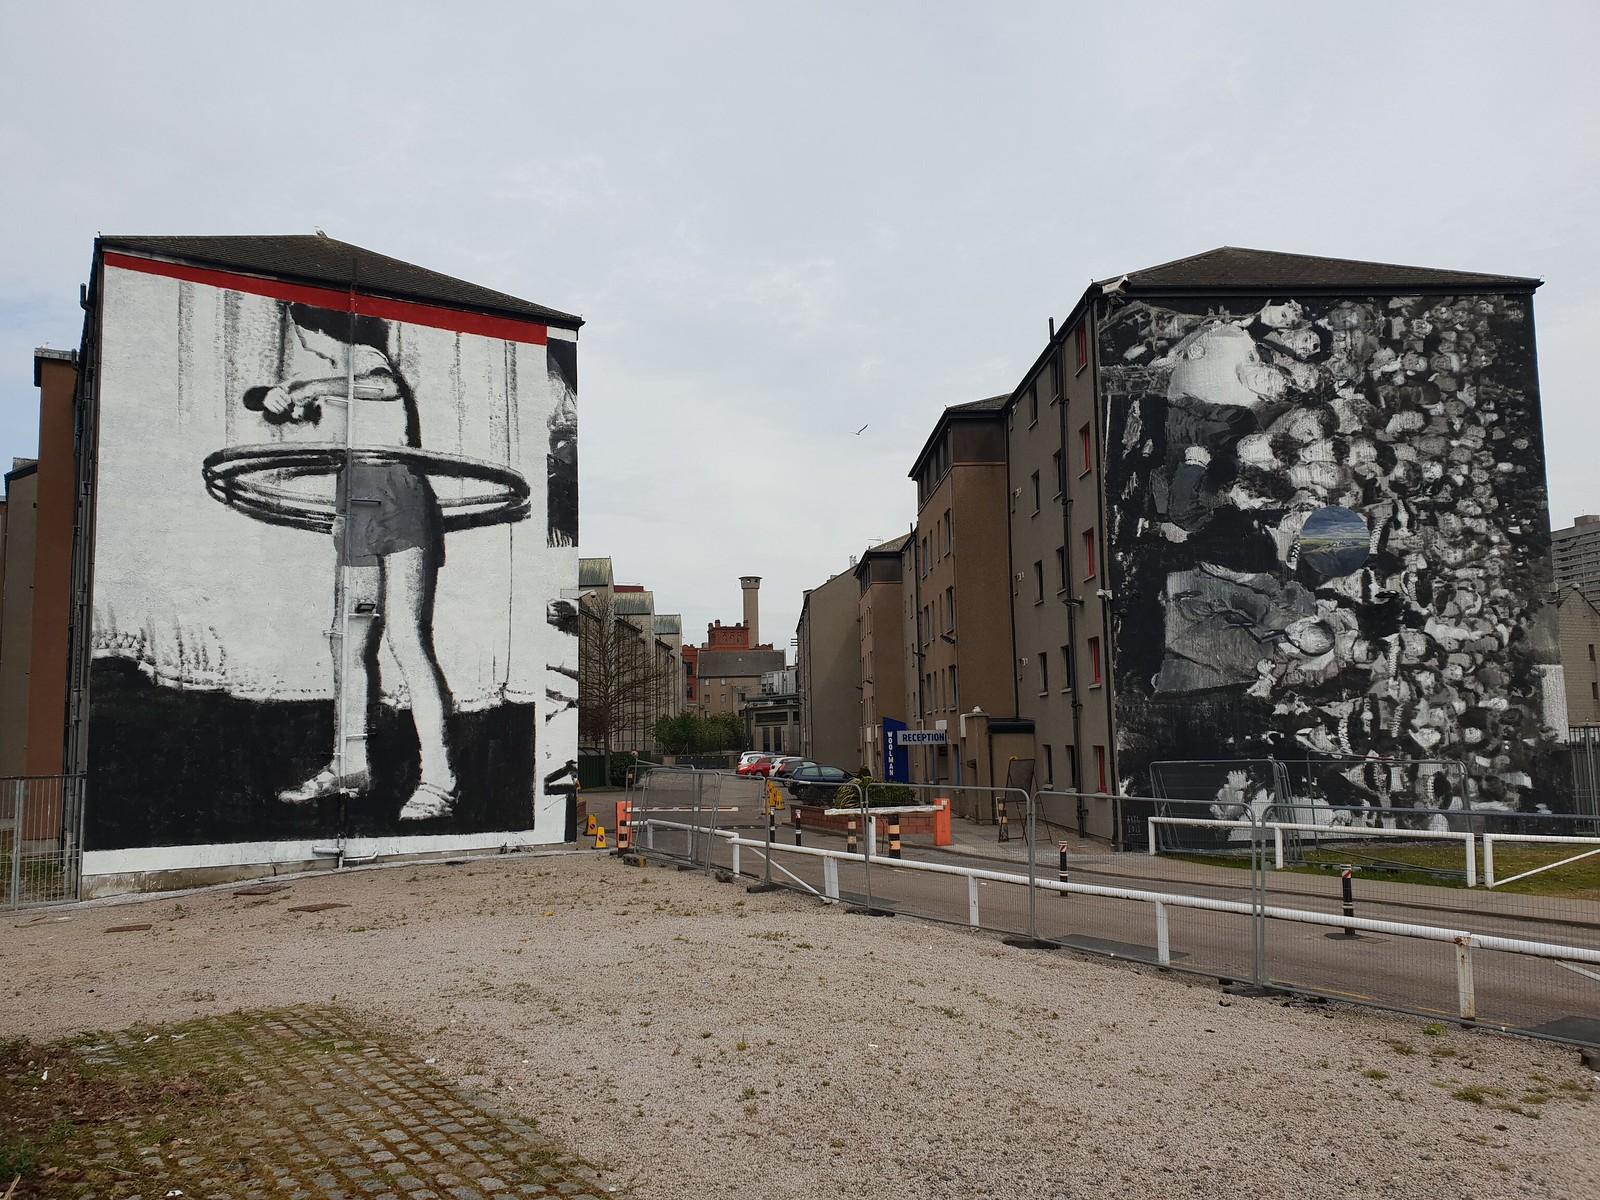 Nuart Aberdeen 2019: Axel Void